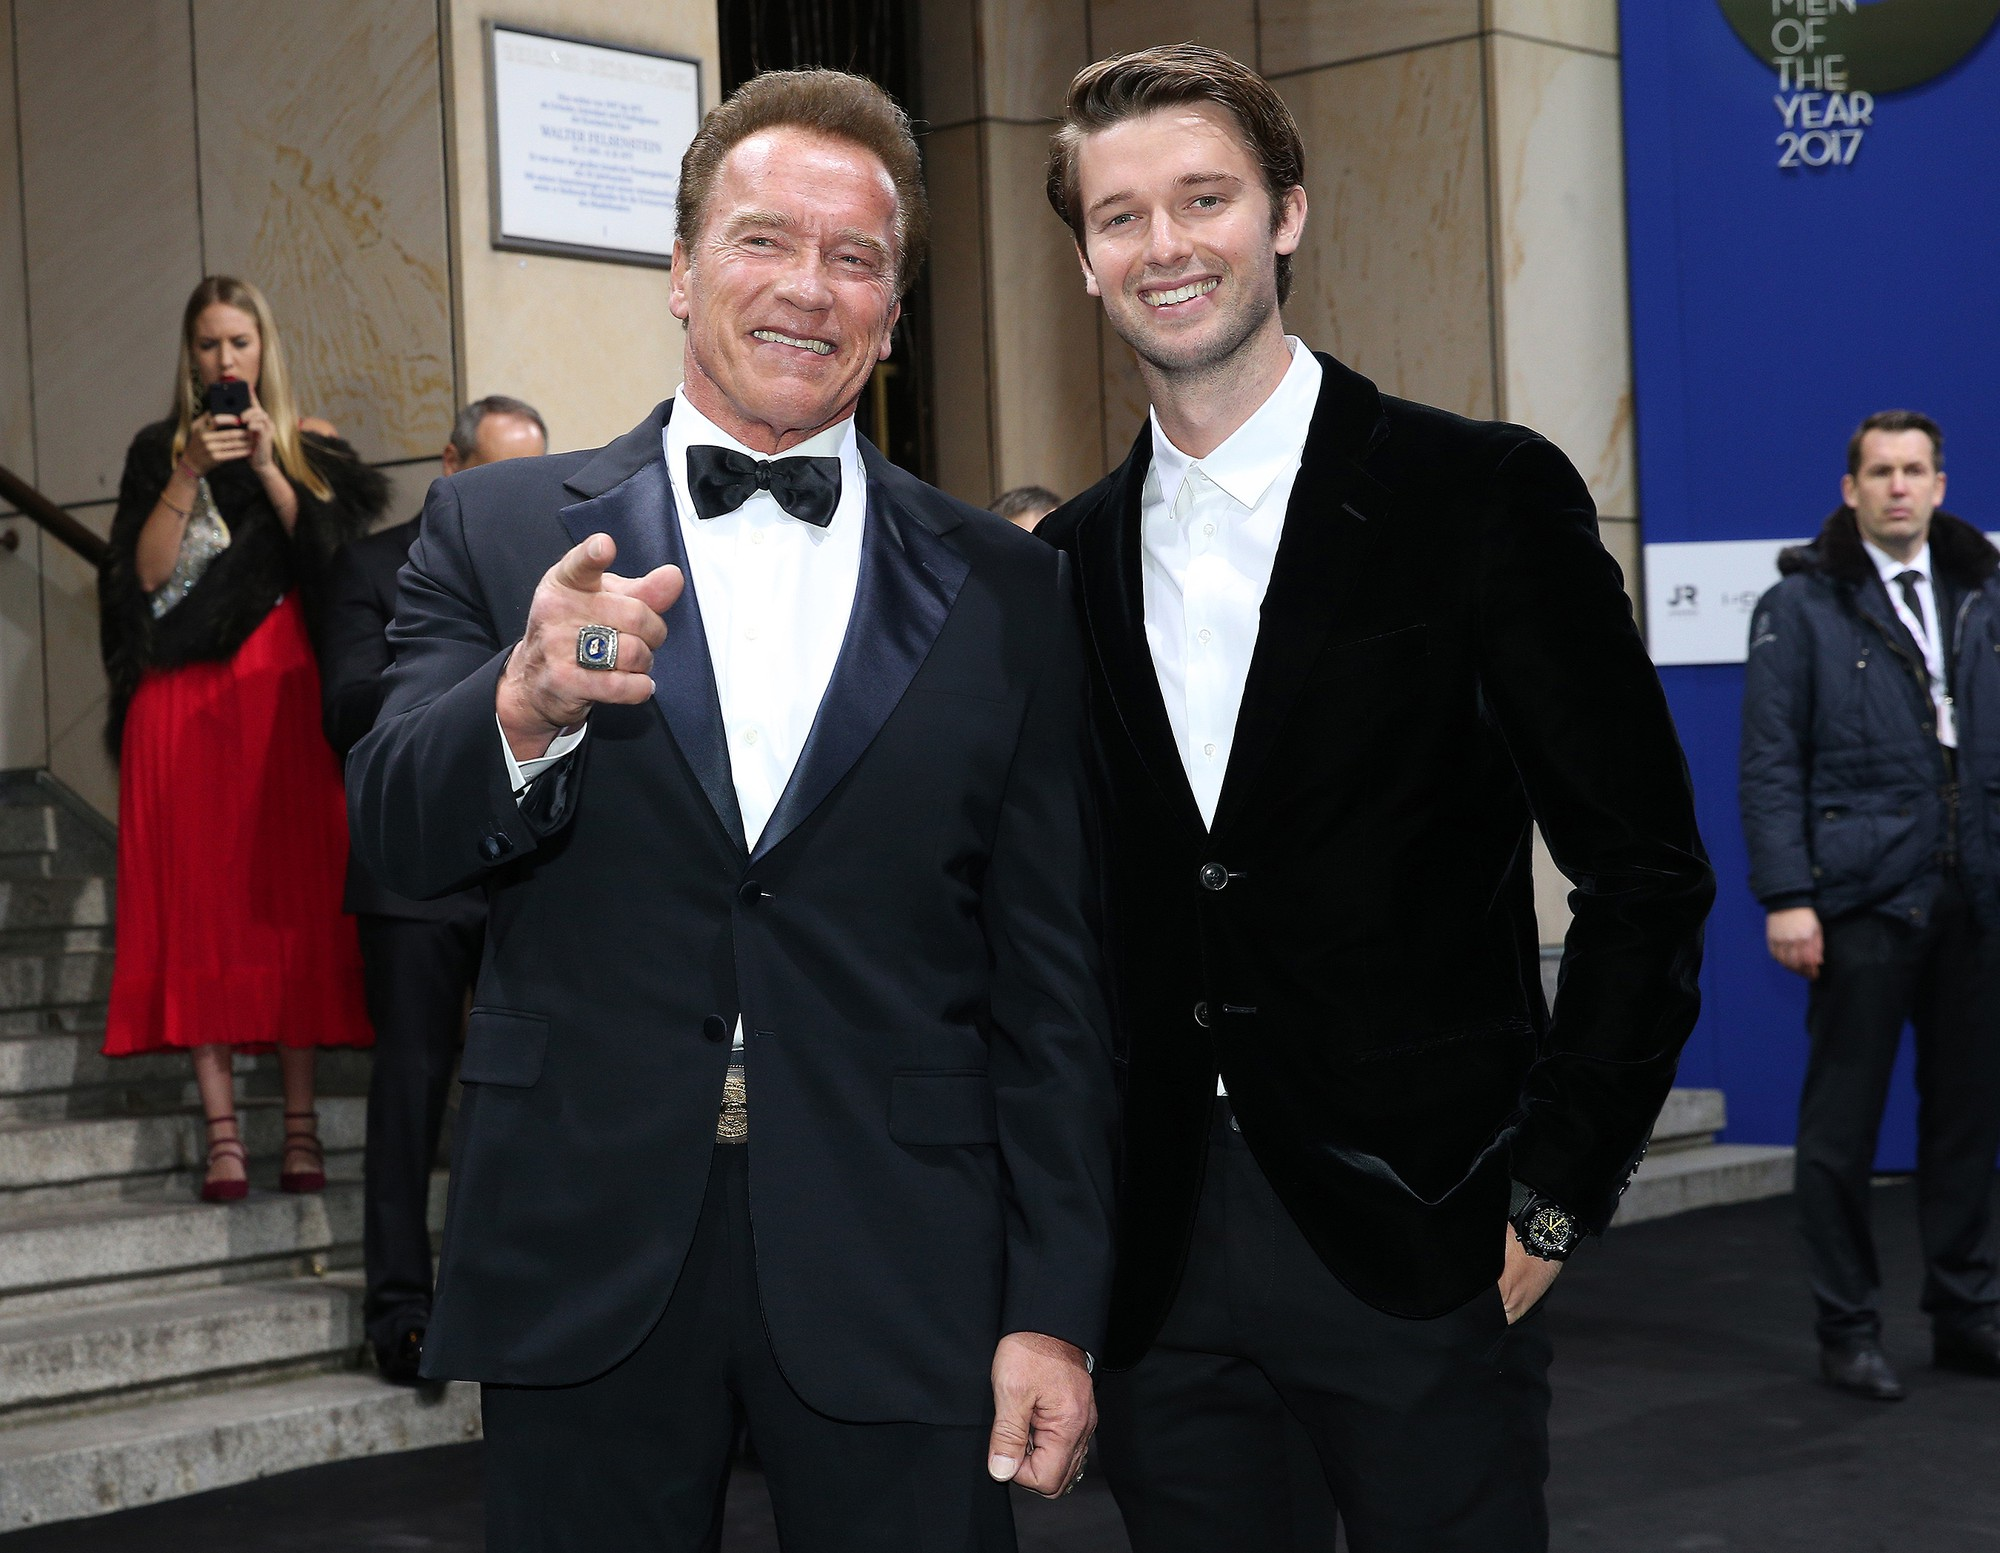 Dàn quý tử nổi tiếng nhà sao Hollywood: Cậu cả Beckham bị dàn trai đẹp cực phẩm đè bẹp, con nhà Will Smith gây choáng - Ảnh 1.